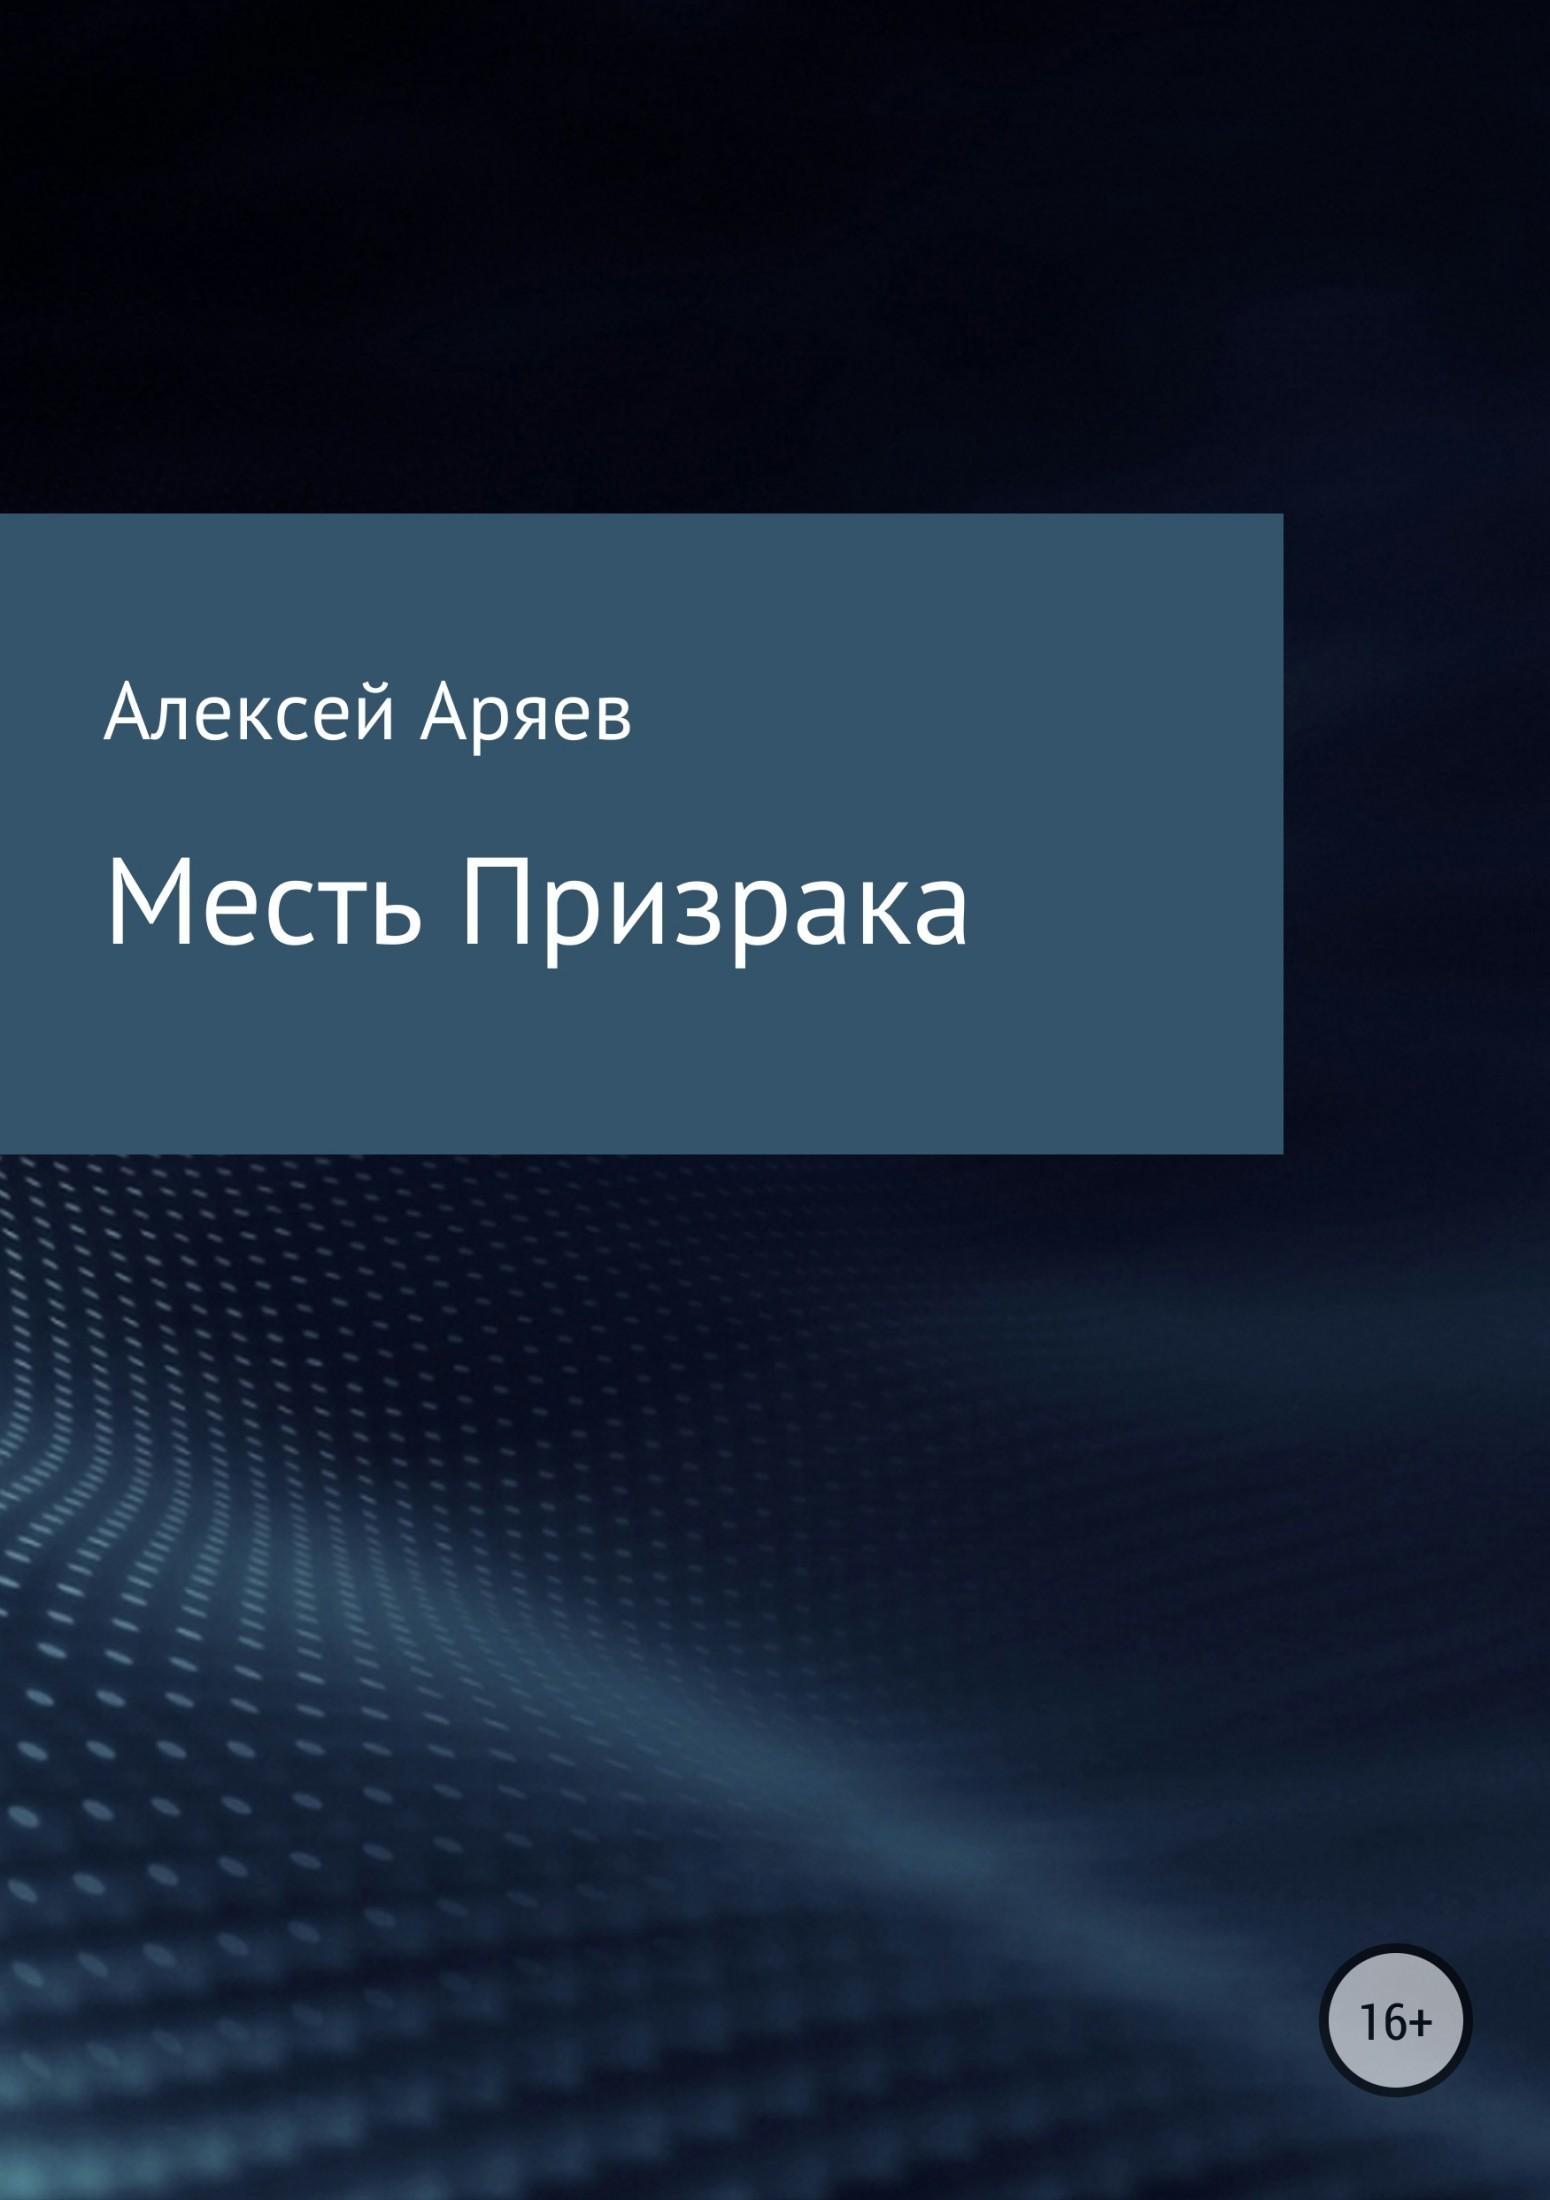 Алексей Аряев - Месть Призрака